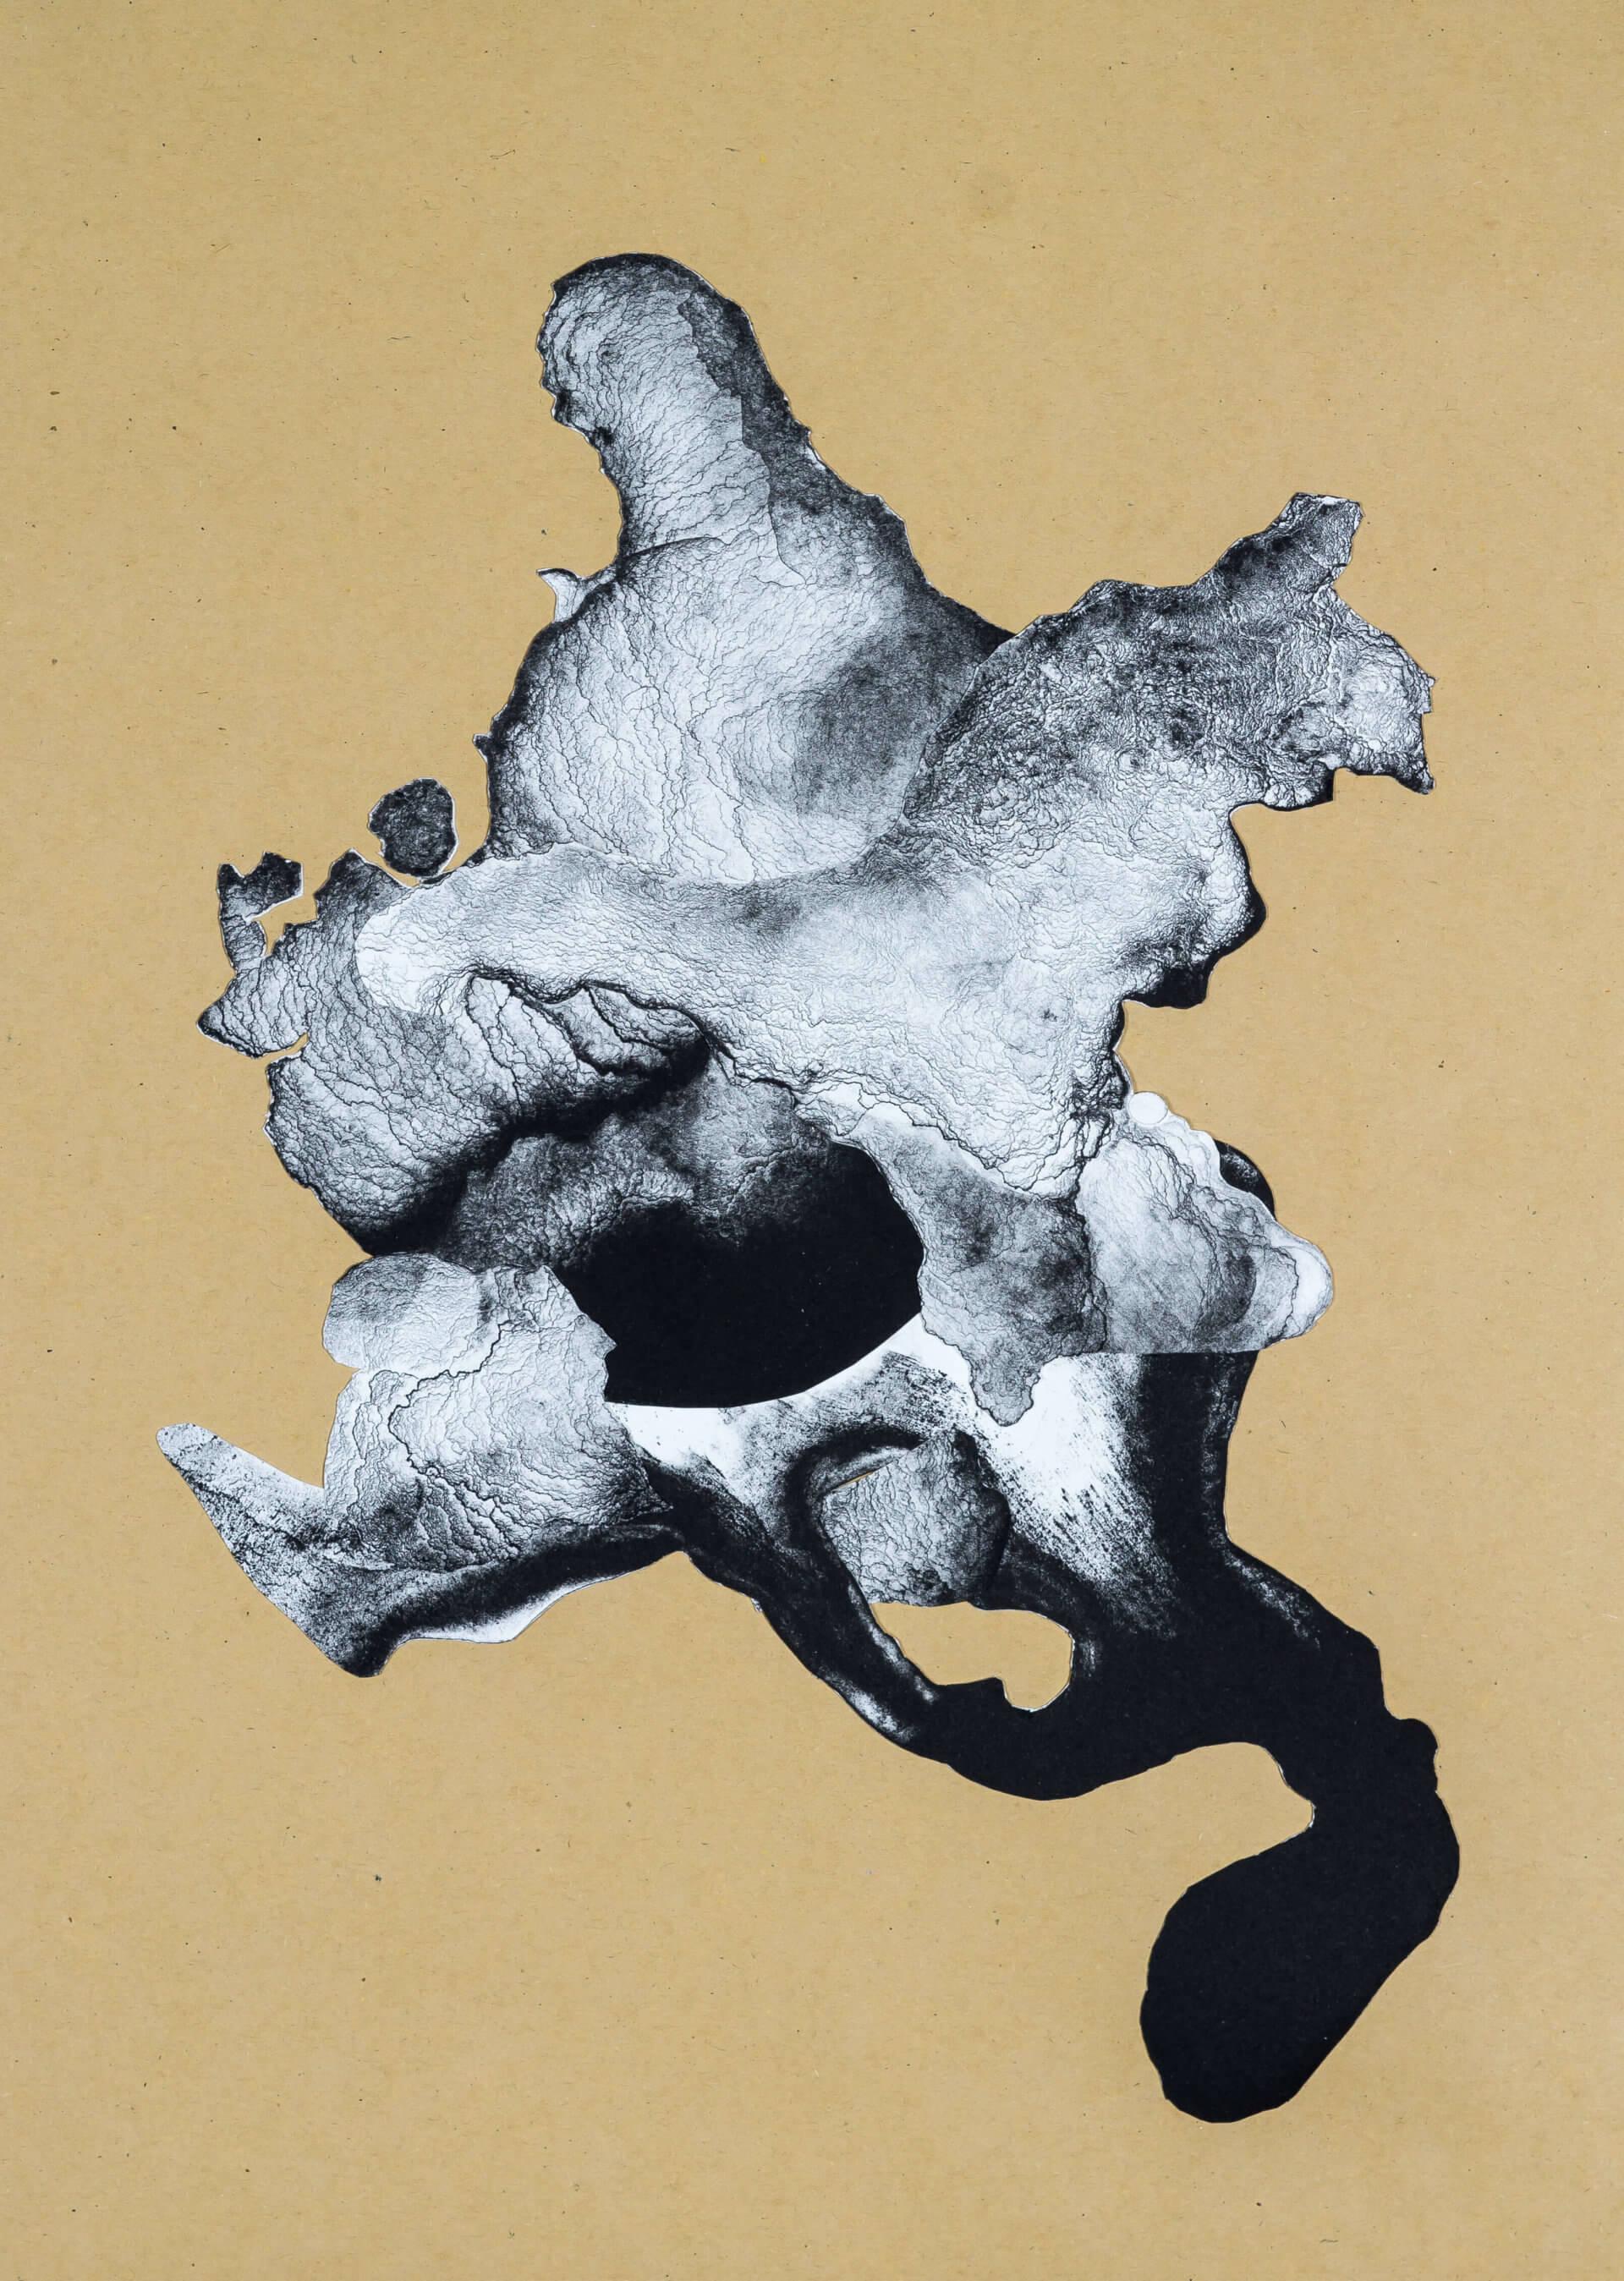 organism (cr) VI, 2018, Lithographiecollage auf Papier, Unikat, 41,5x30cm